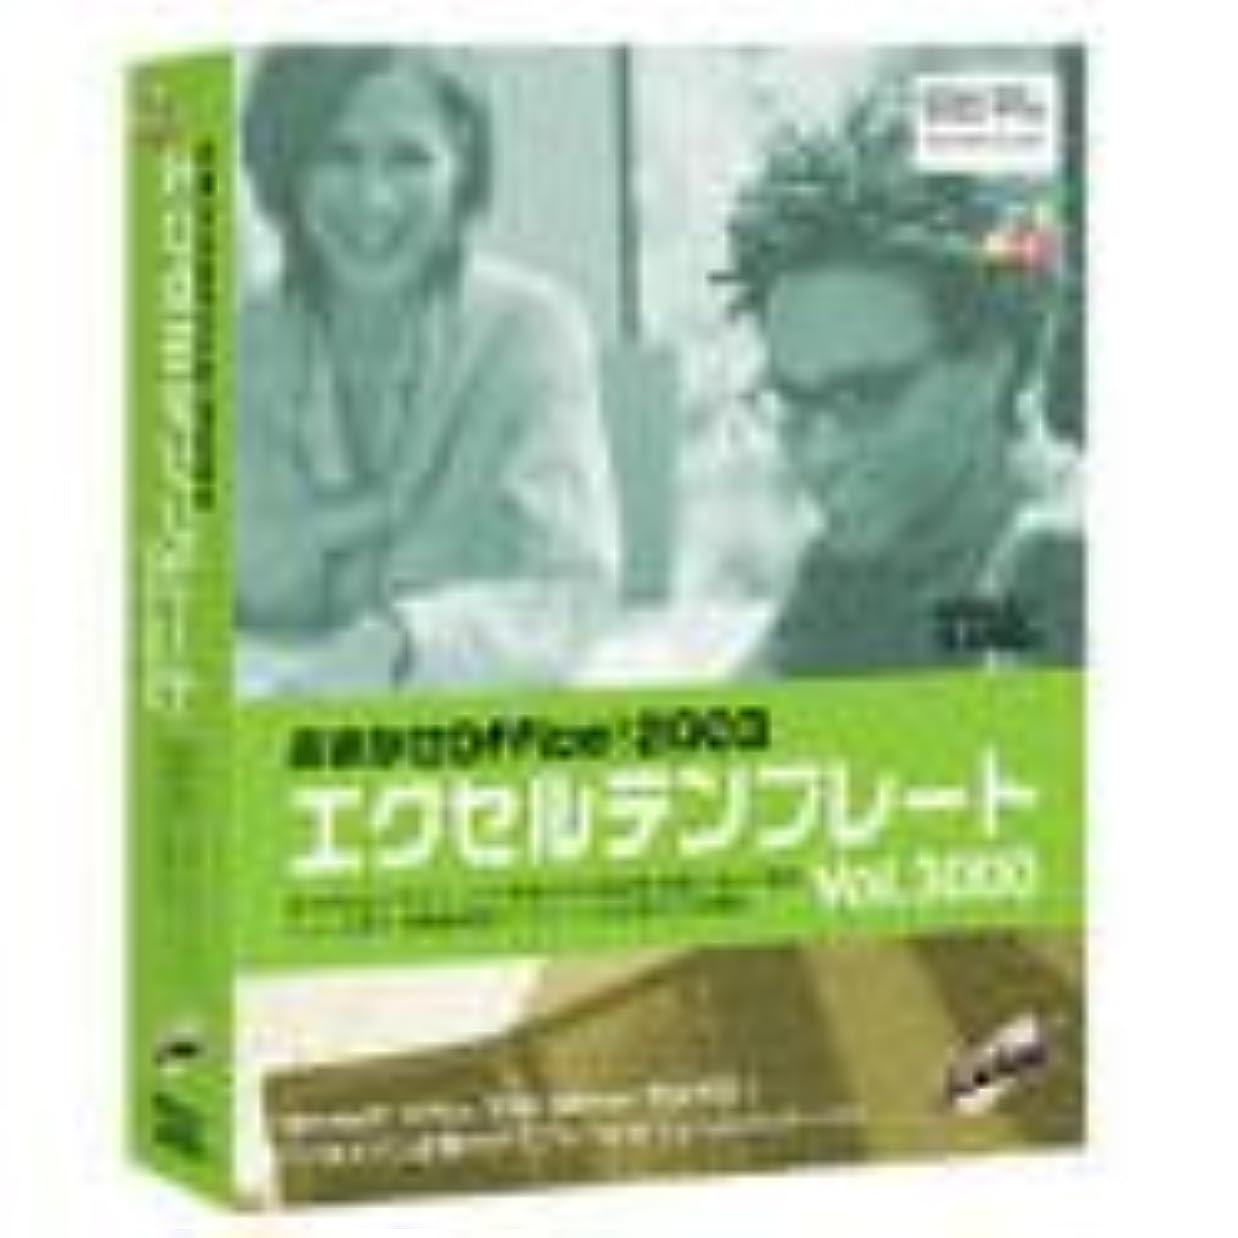 アソシエイトテント蚊おまかせOffice! 2003 エクセルテンプレート Vol.3000